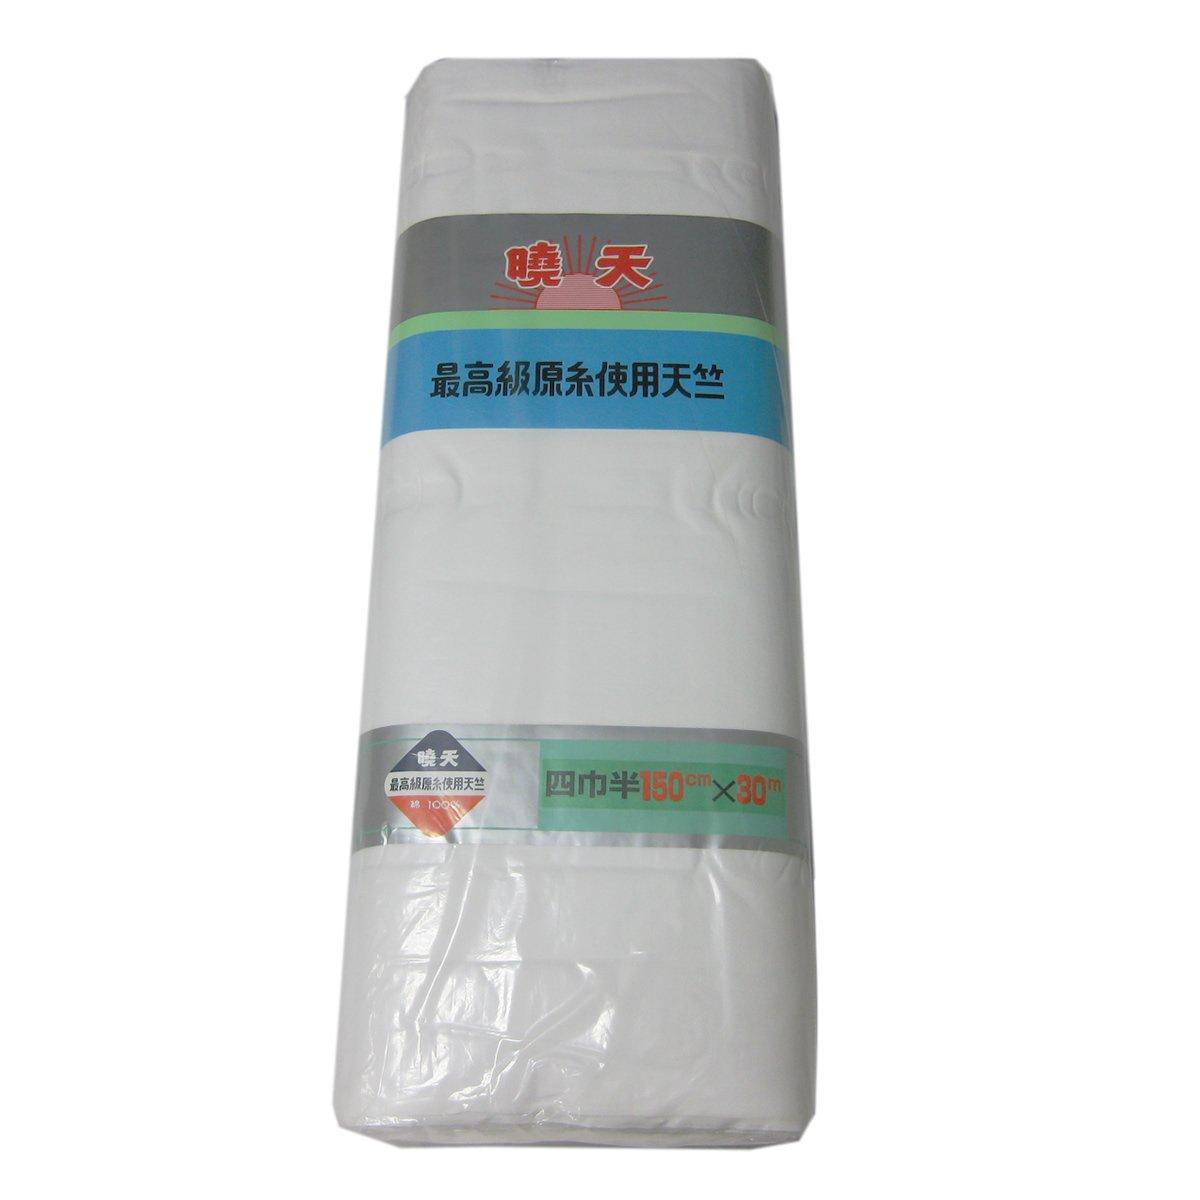 暁天 四巾半天竺 和晒 1反 綿100% 日本製 白色 さらし 旗、クロス、幕、半纏などに (150cm×30m)   B01M2BN4WU